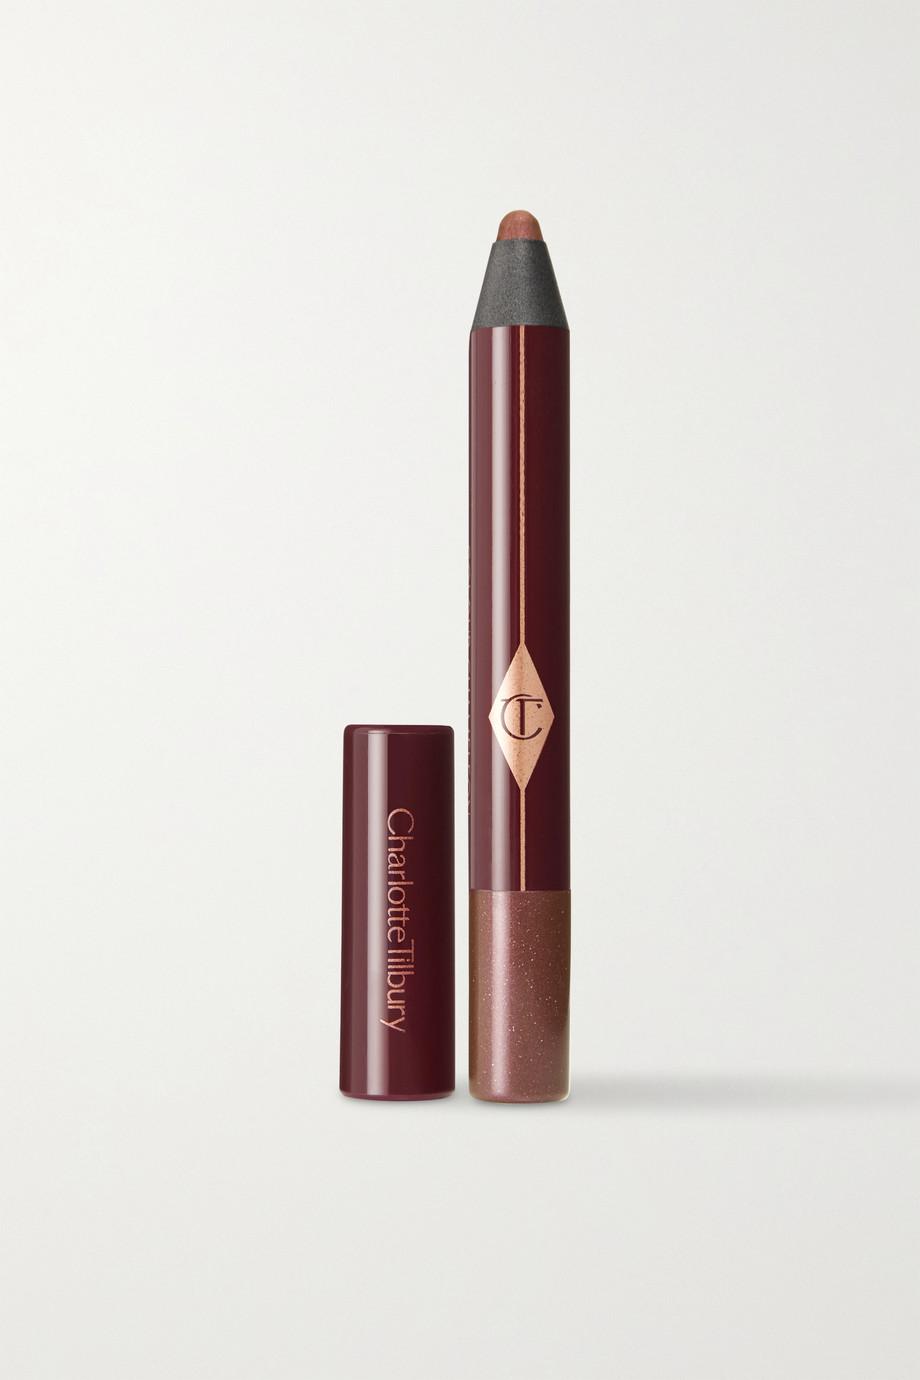 Charlotte Tilbury Colour Chameleon - Bronzed Garnet For Green Eyes